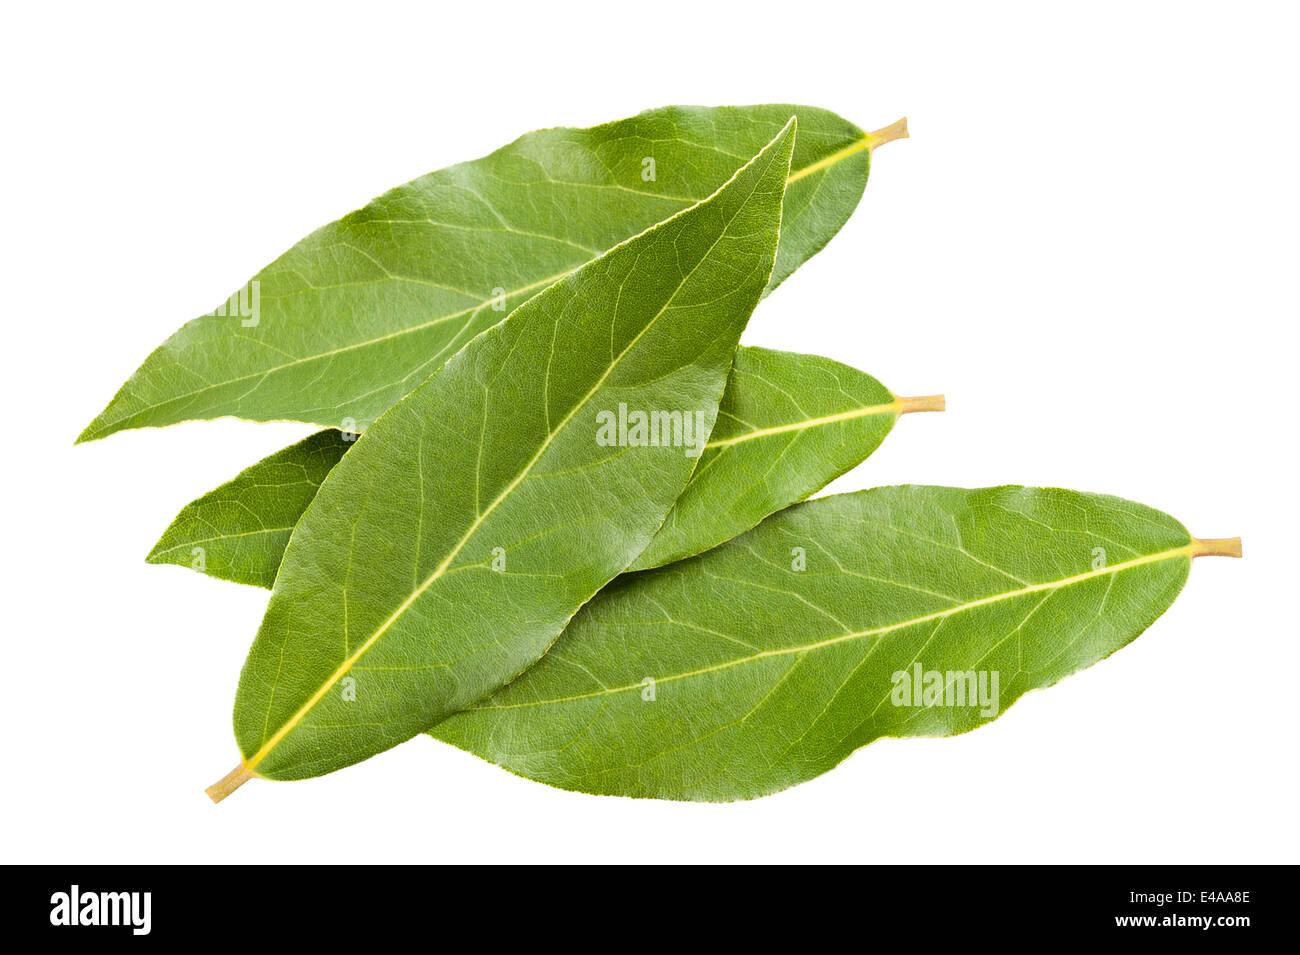 Lorbeer Blätter isolierten auf weißen Hintergrund Stockbild